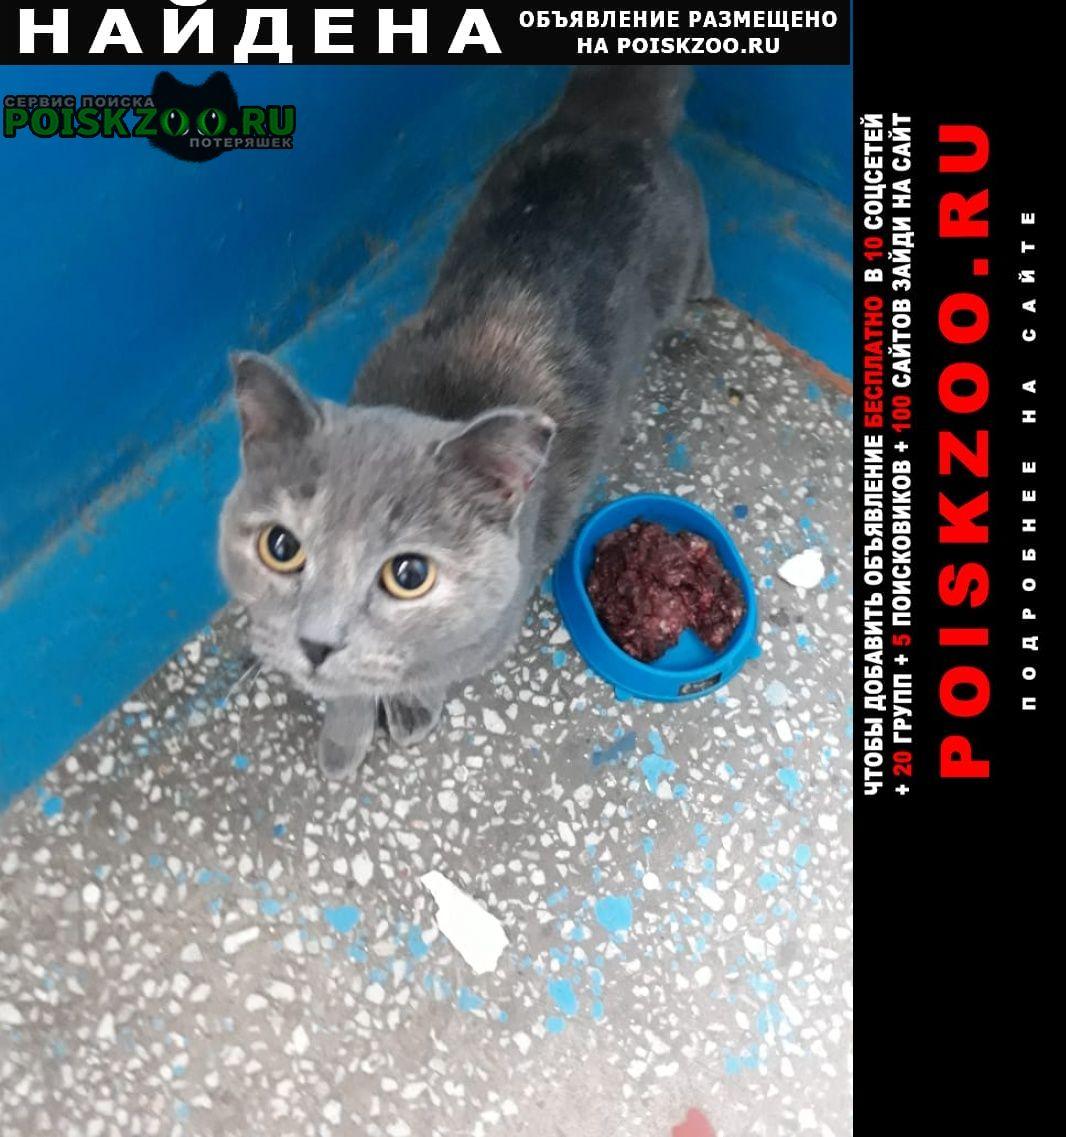 Найдена кошка Барнаул